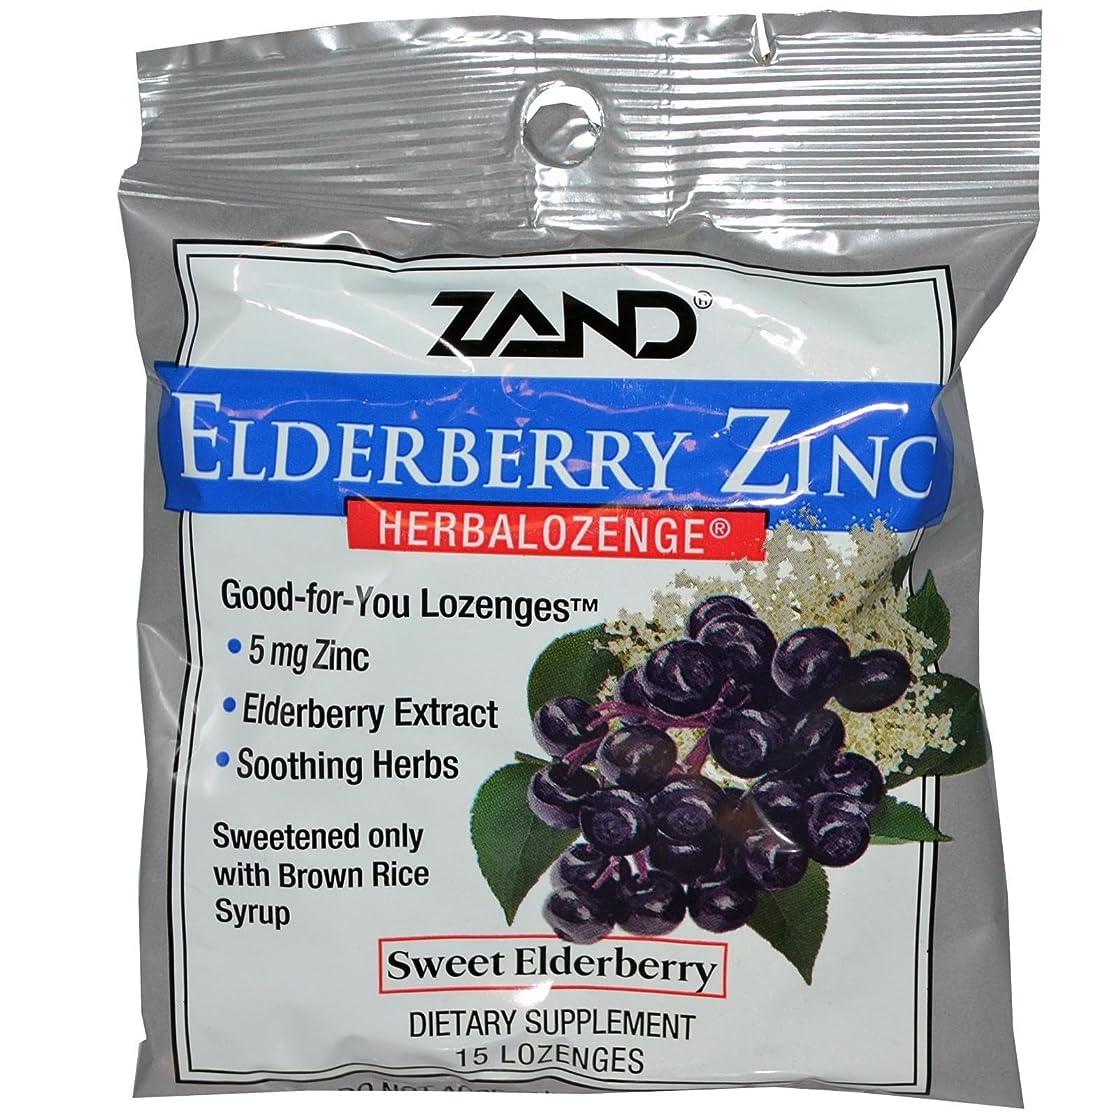 最大気を散らす国際Zand, Elderberry Zinc、Herbalozenge、エルダーベリー、亜鉛 キャンディートローチ【2個組】 [並行輸入品]